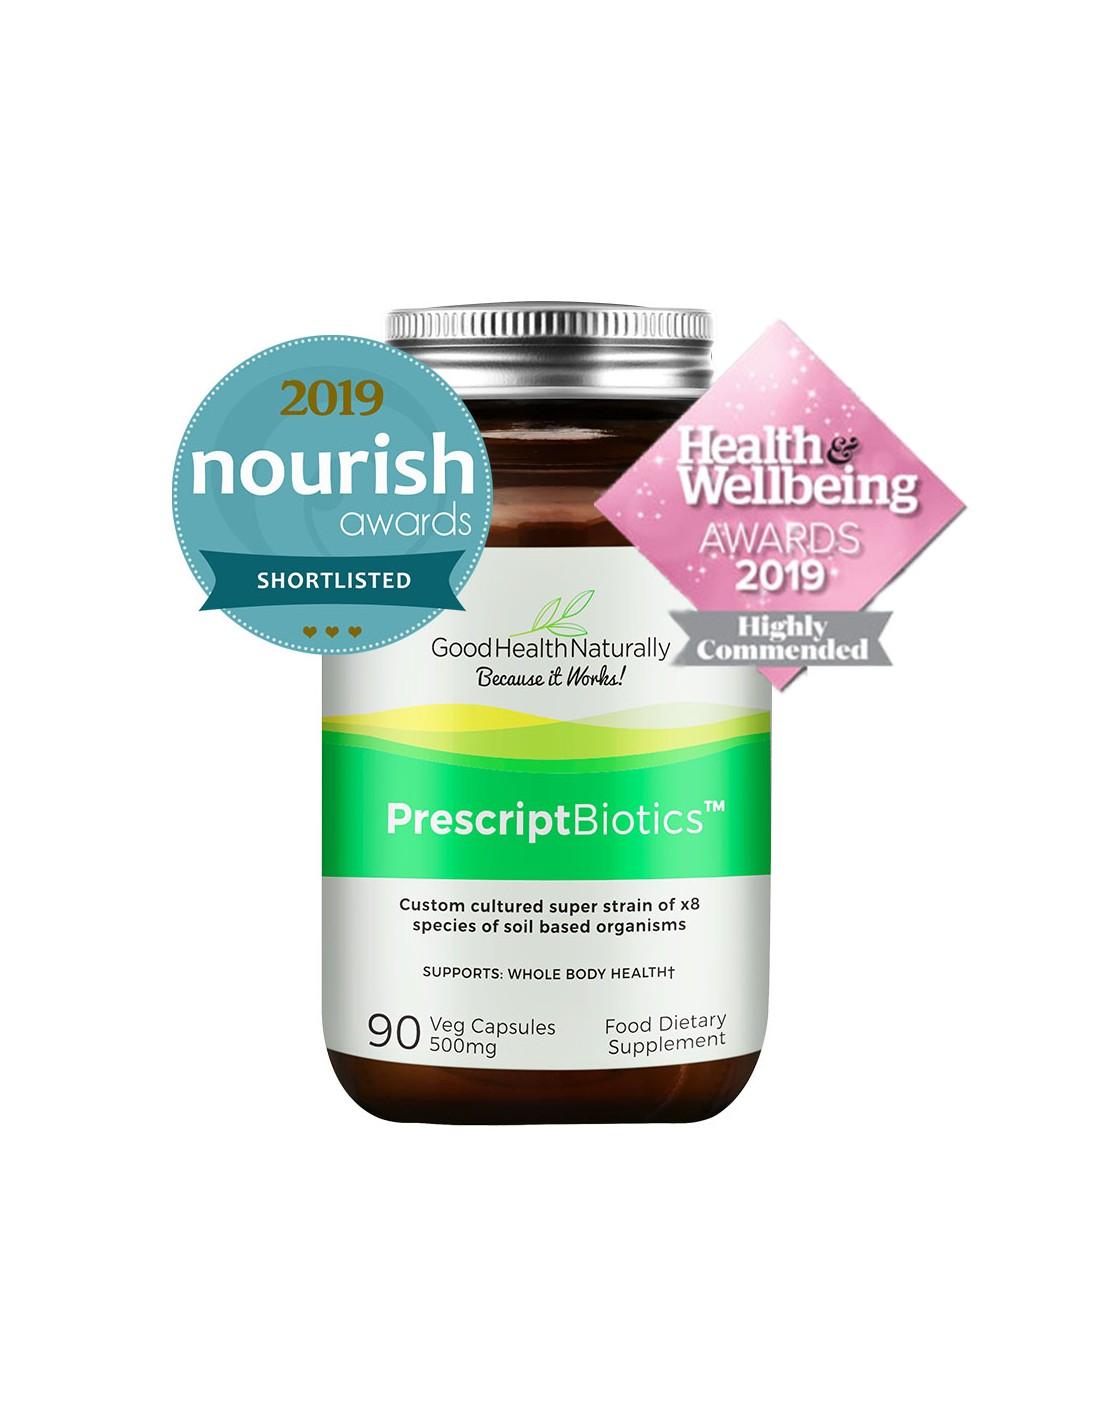 prescriptbiotics